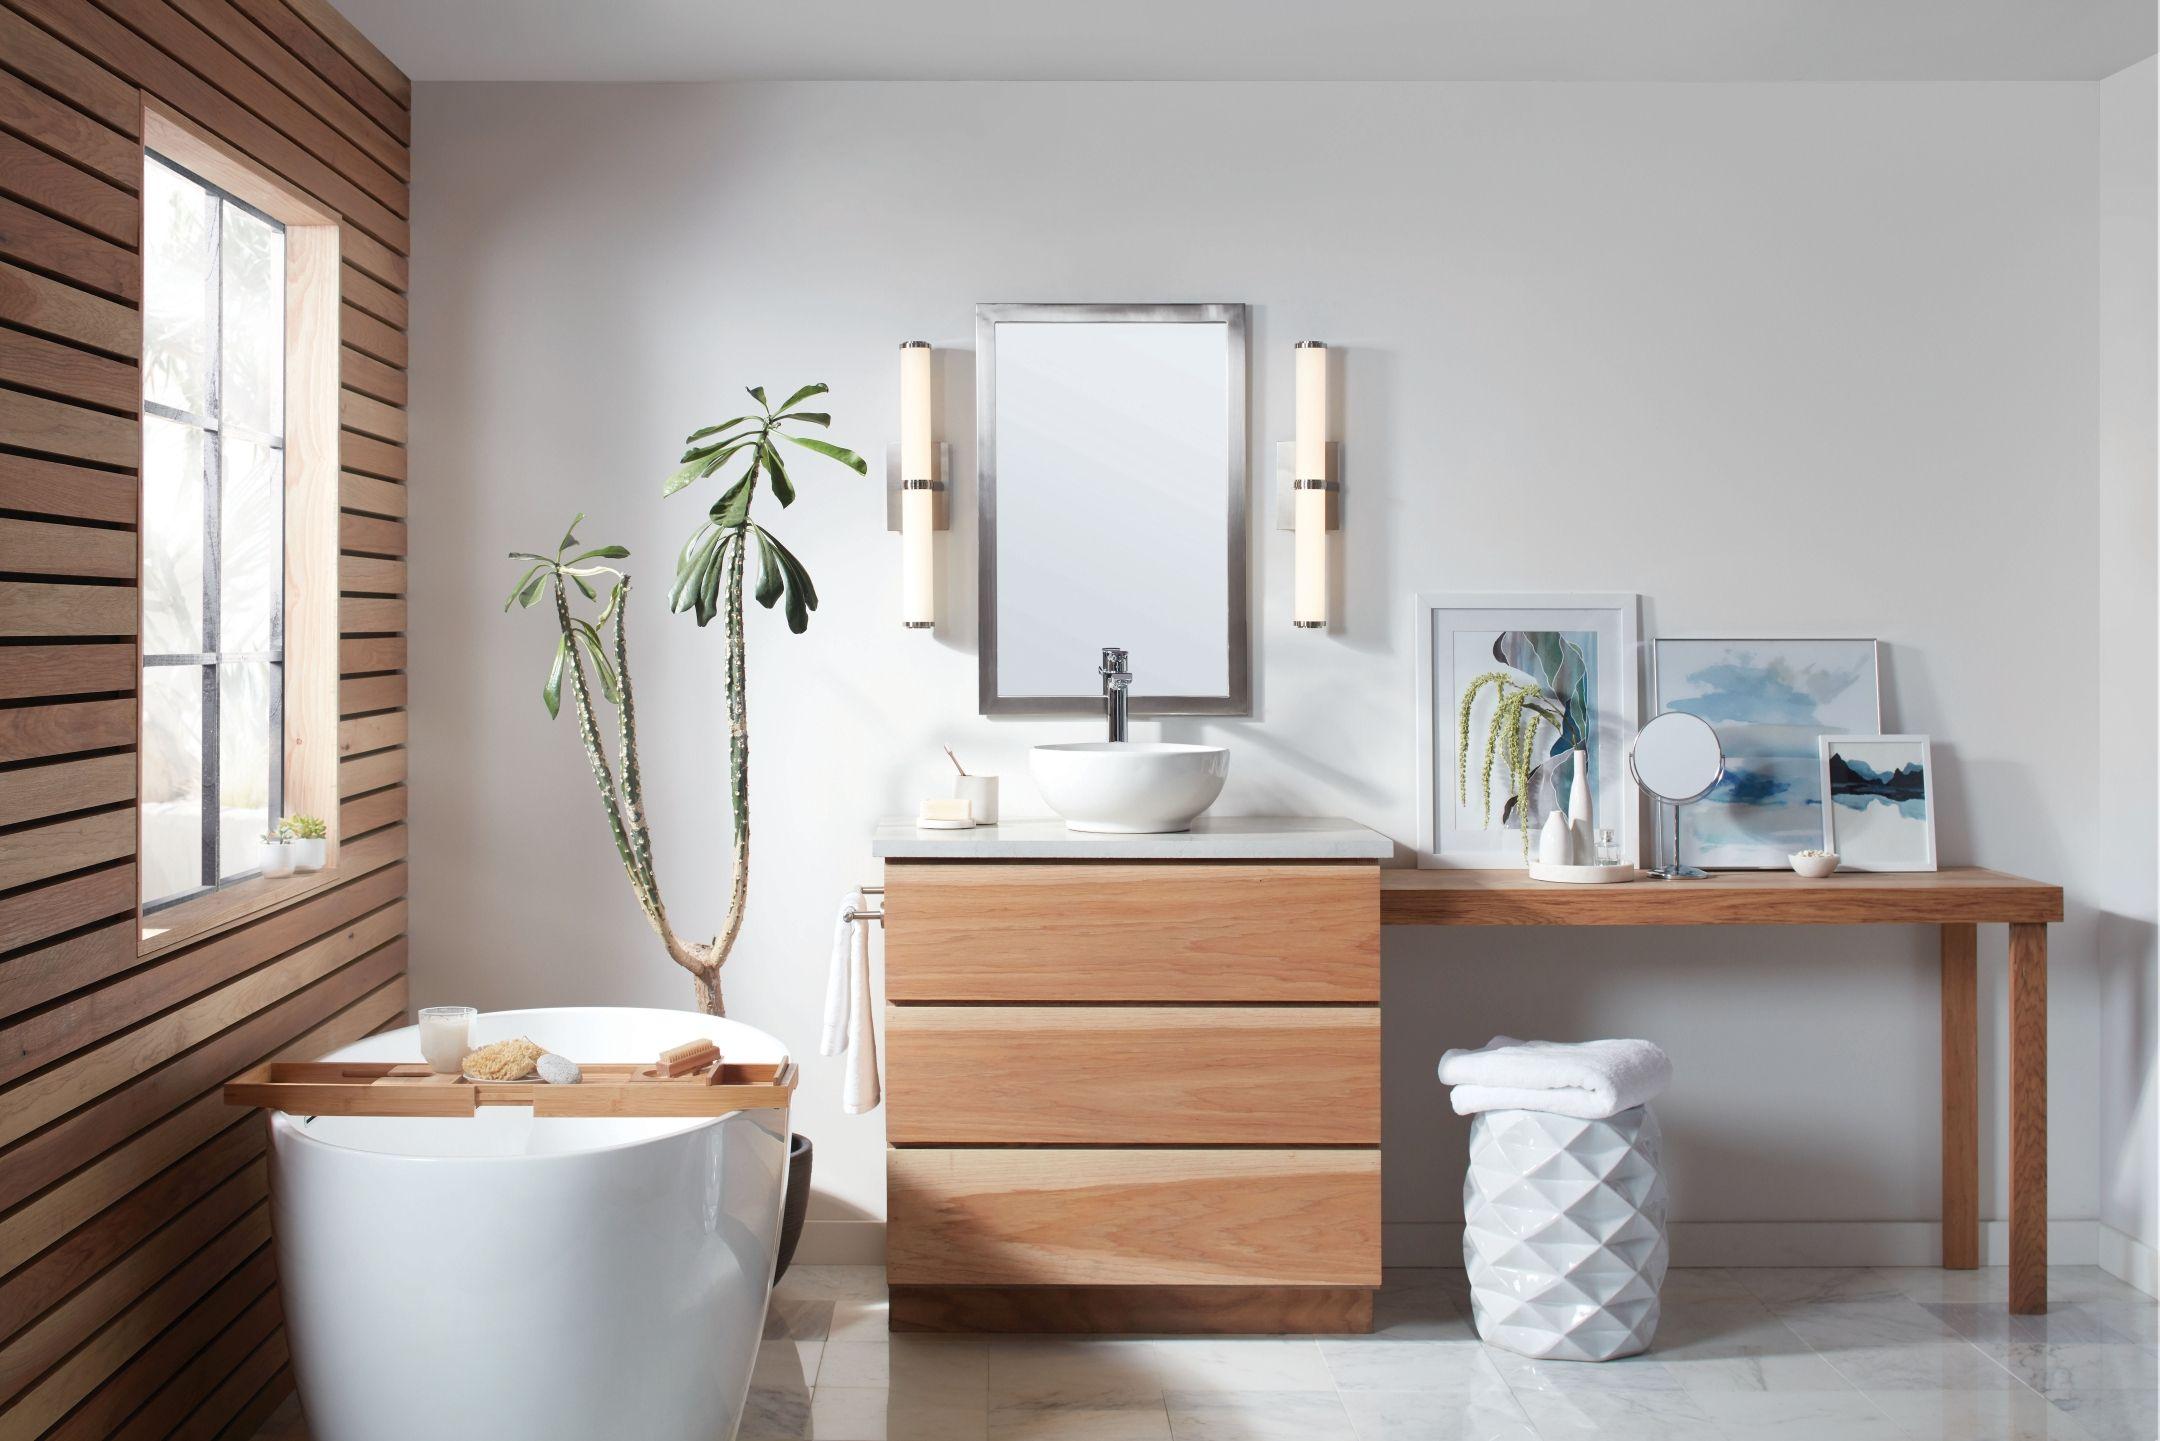 Hinkley Simi Led Bathroom Vanity Light In Brushed Nickel